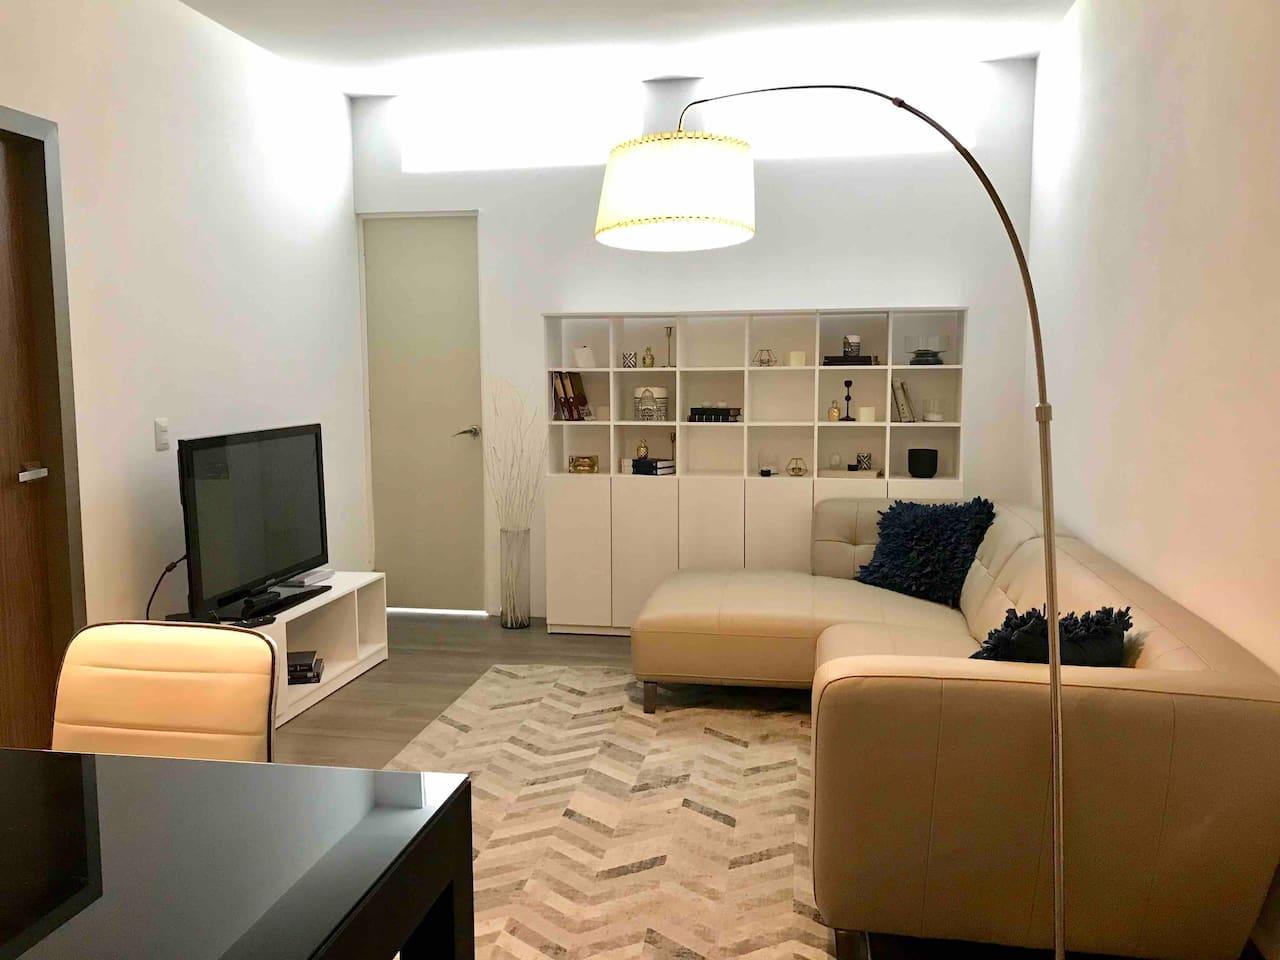 Disfruta de una agradable estancia con TV con cable compañía Axtel, iluminación sutil y decoracion minimalista.